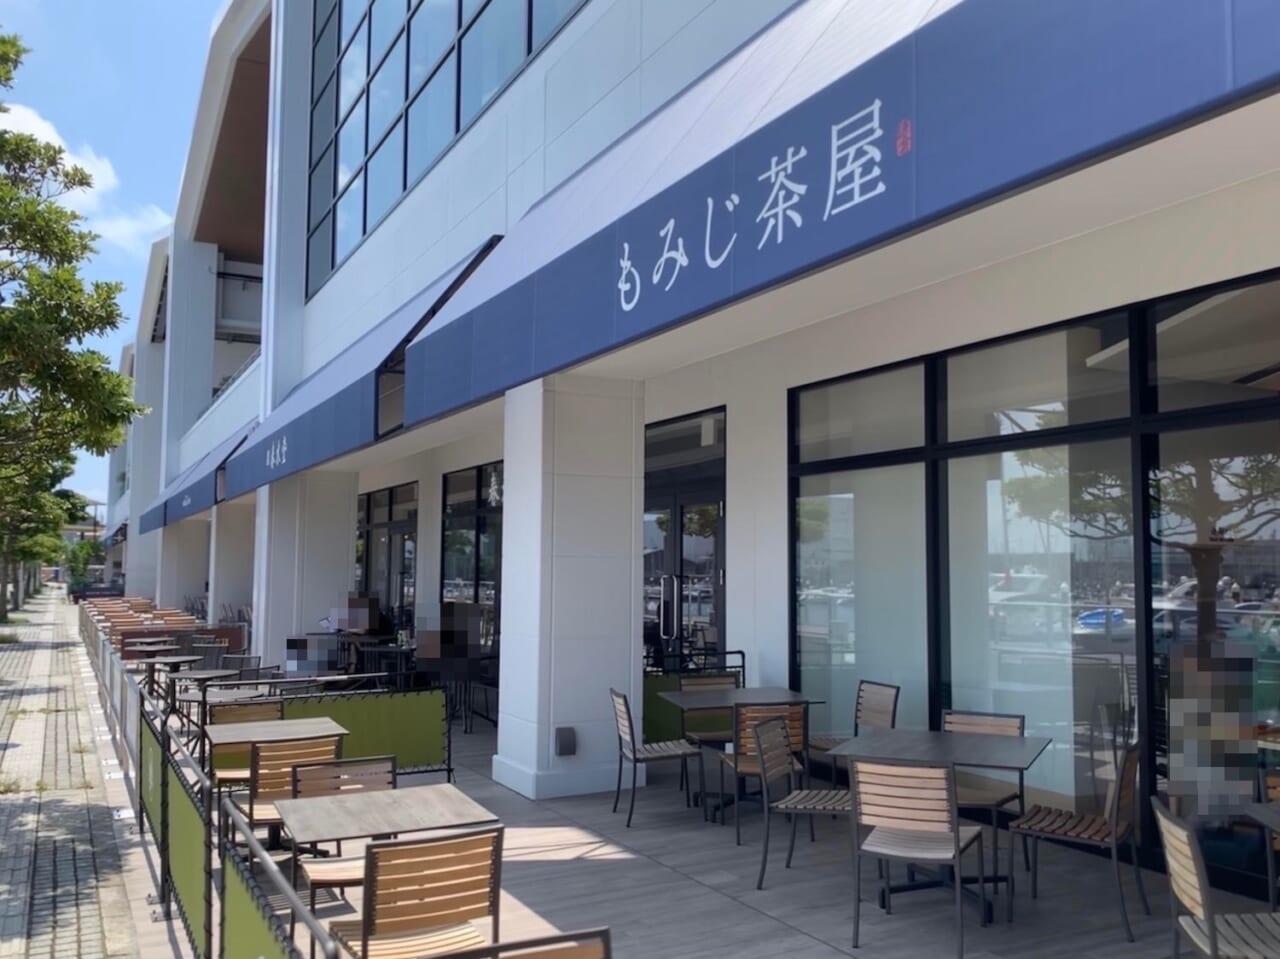 店 三井 ベイサイド アウトレット 横浜 パーク